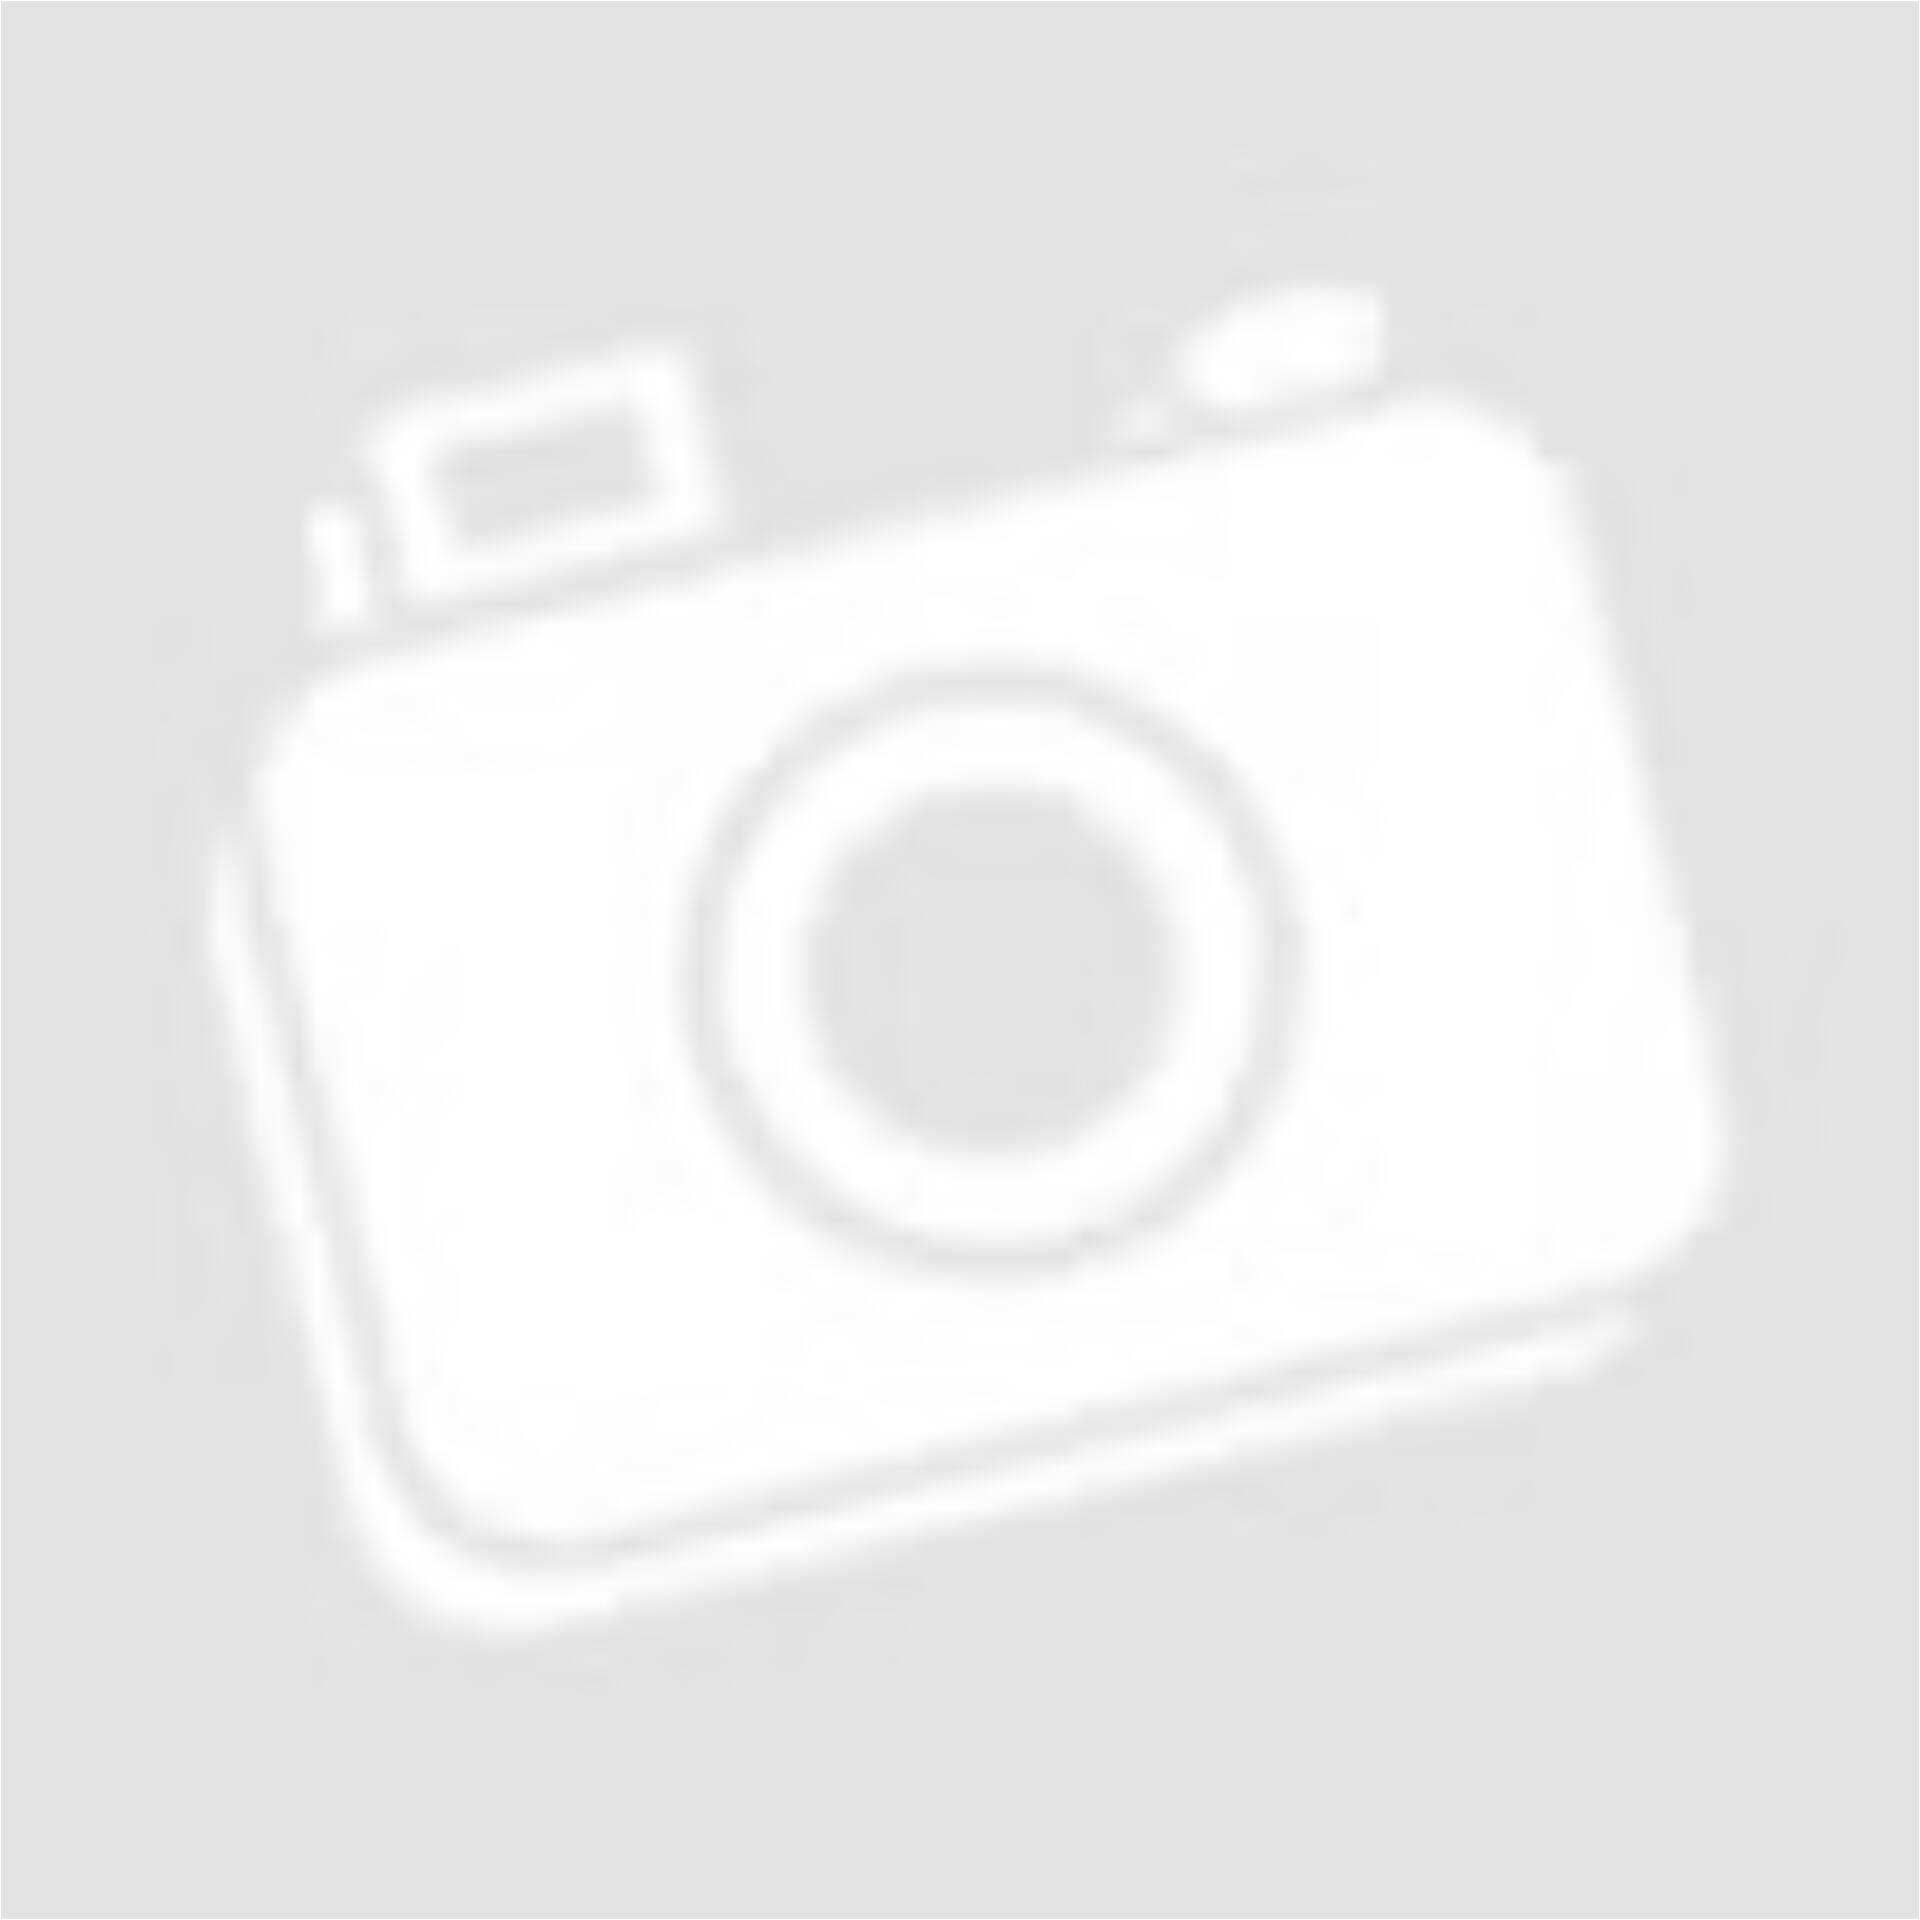 H M fekete színű bársonyos lepkés szoknya (Méret  24 hó (92)) - Lány ... 29cda0ab65